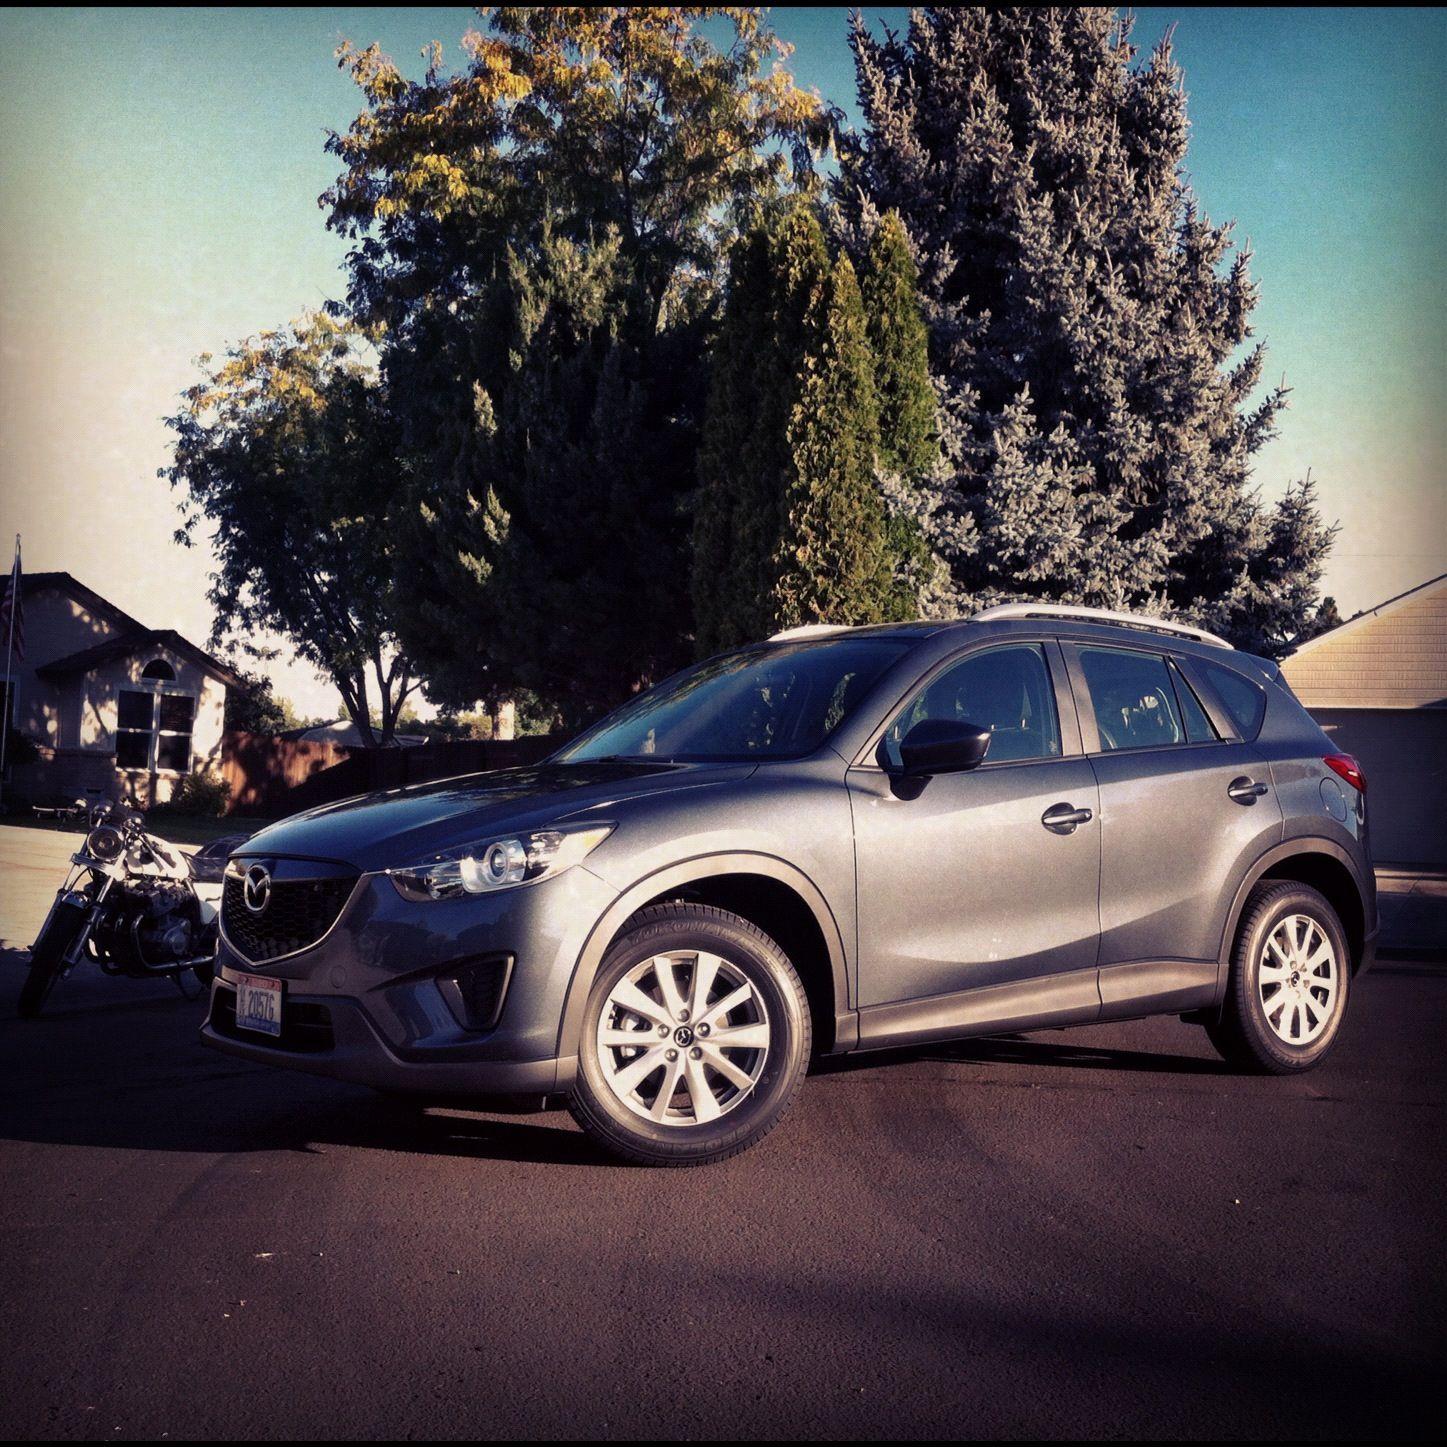 Mazda CX-5 #tracymazda #mazda #cx5